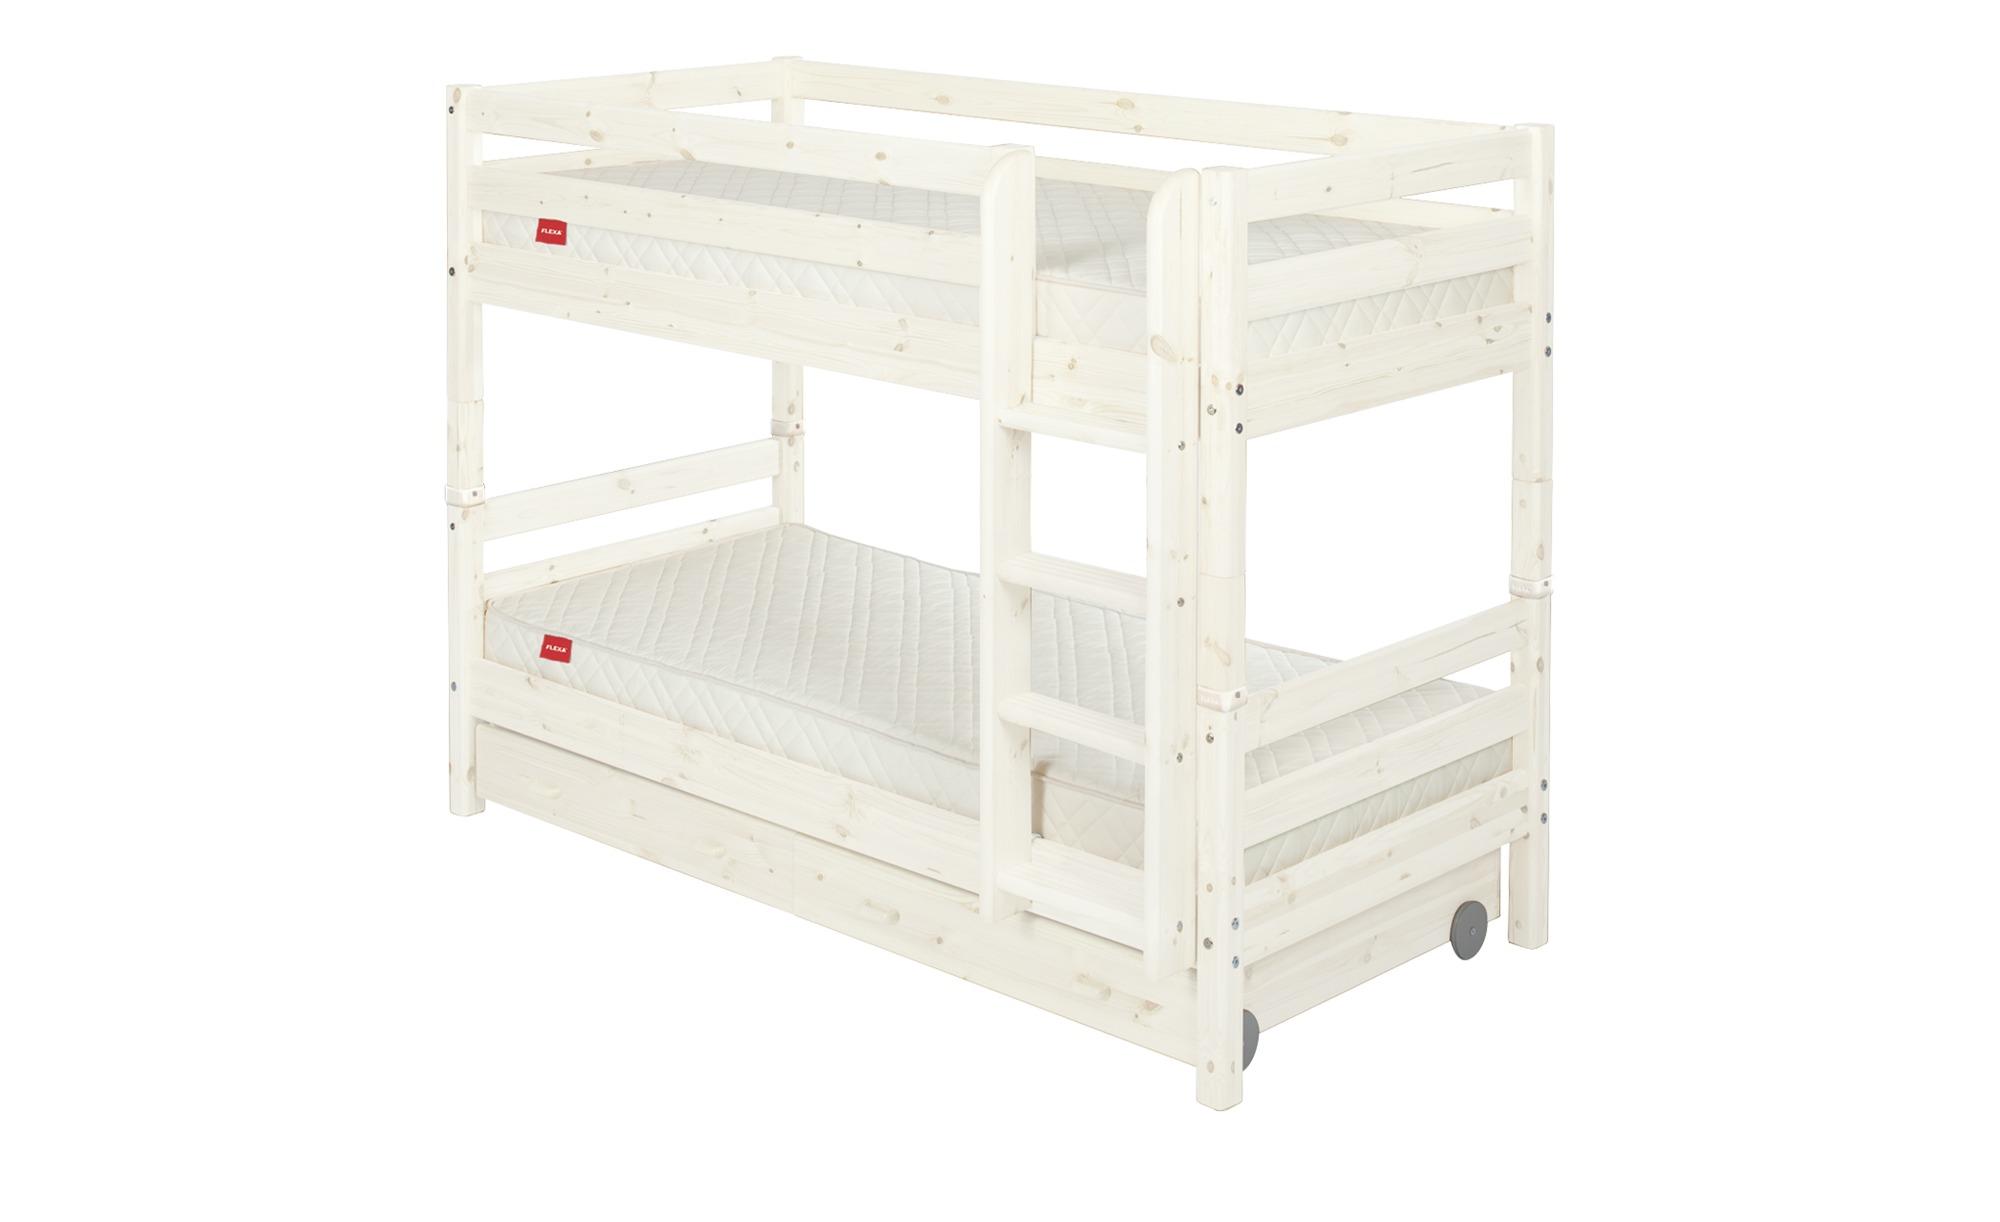 flexa etagenbett mit 2 schubladen flexa classic breite 110 cm h he 154 cm wei online kaufen. Black Bedroom Furniture Sets. Home Design Ideas